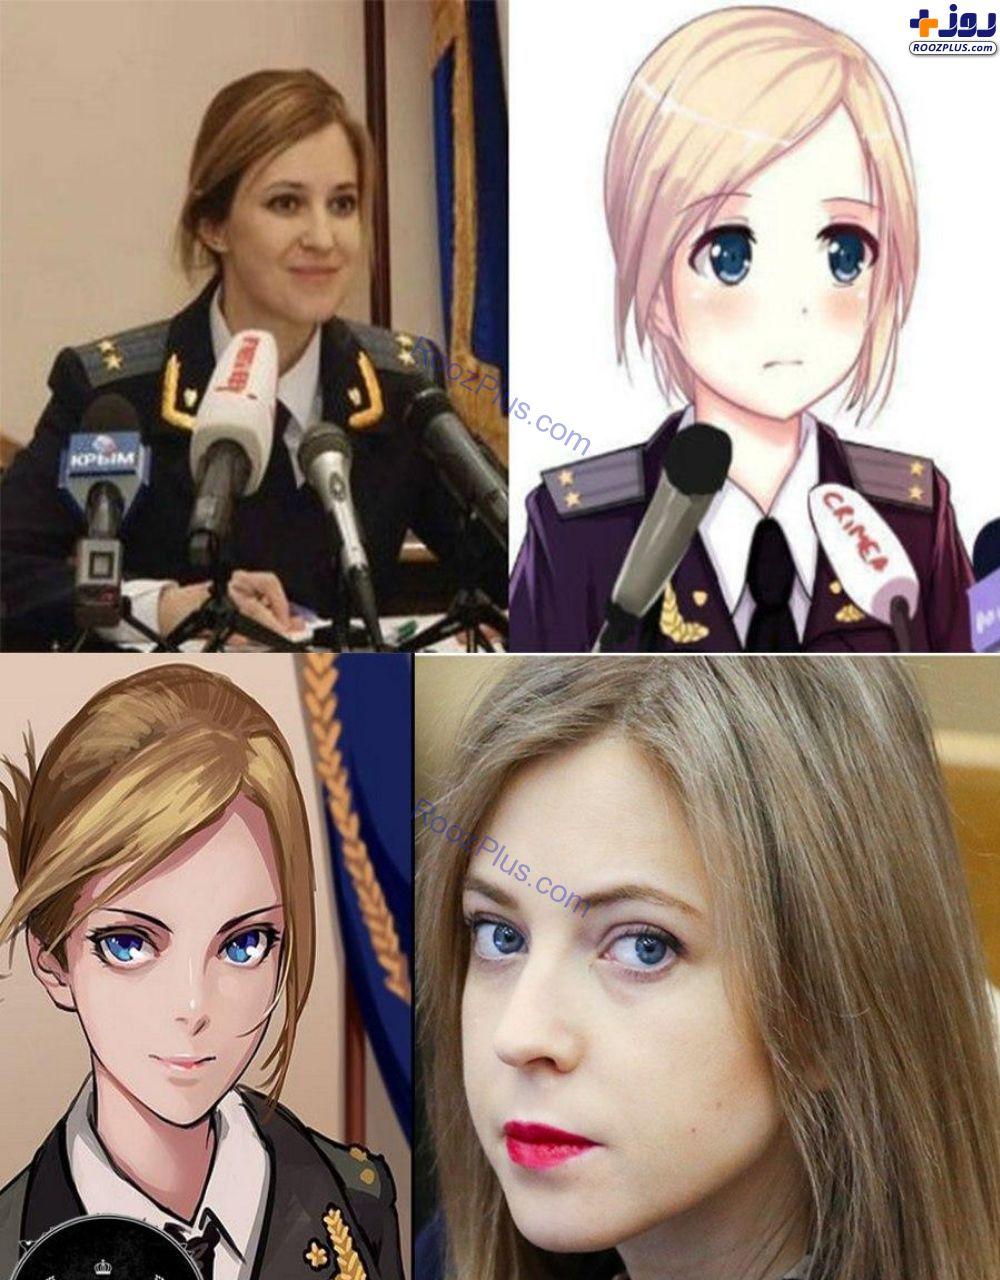 مجبوب ترین رئیس پلیس زن جهان (عکس)